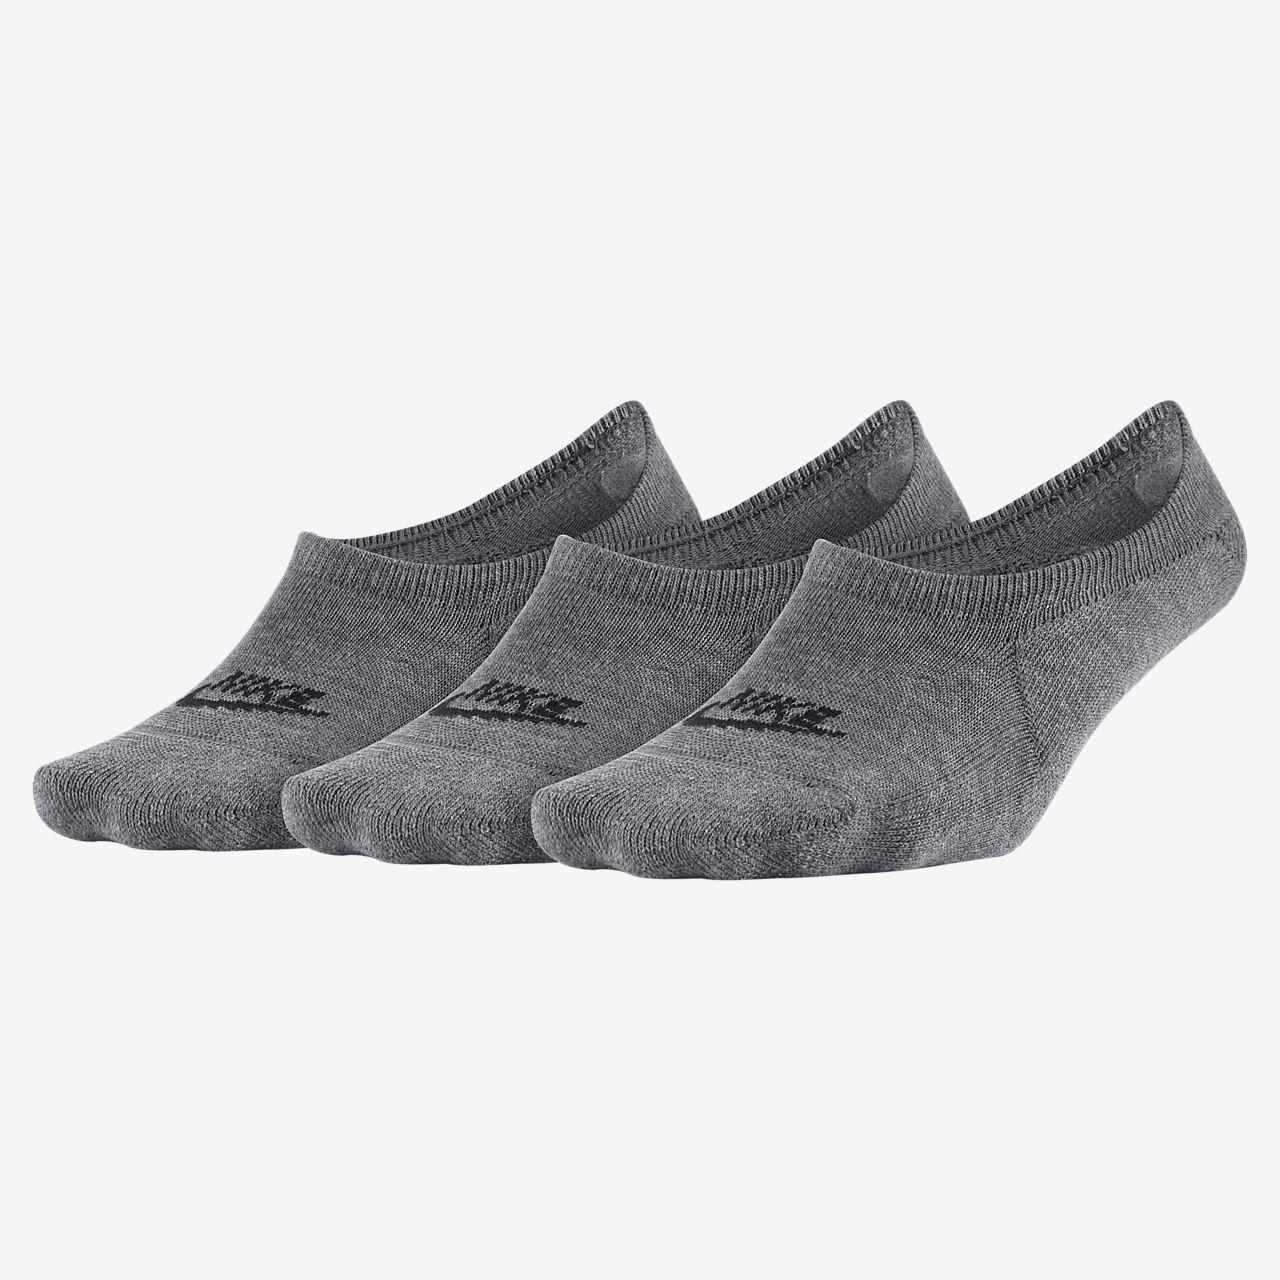 Calze Nike Sportswear Footie (3 paia)